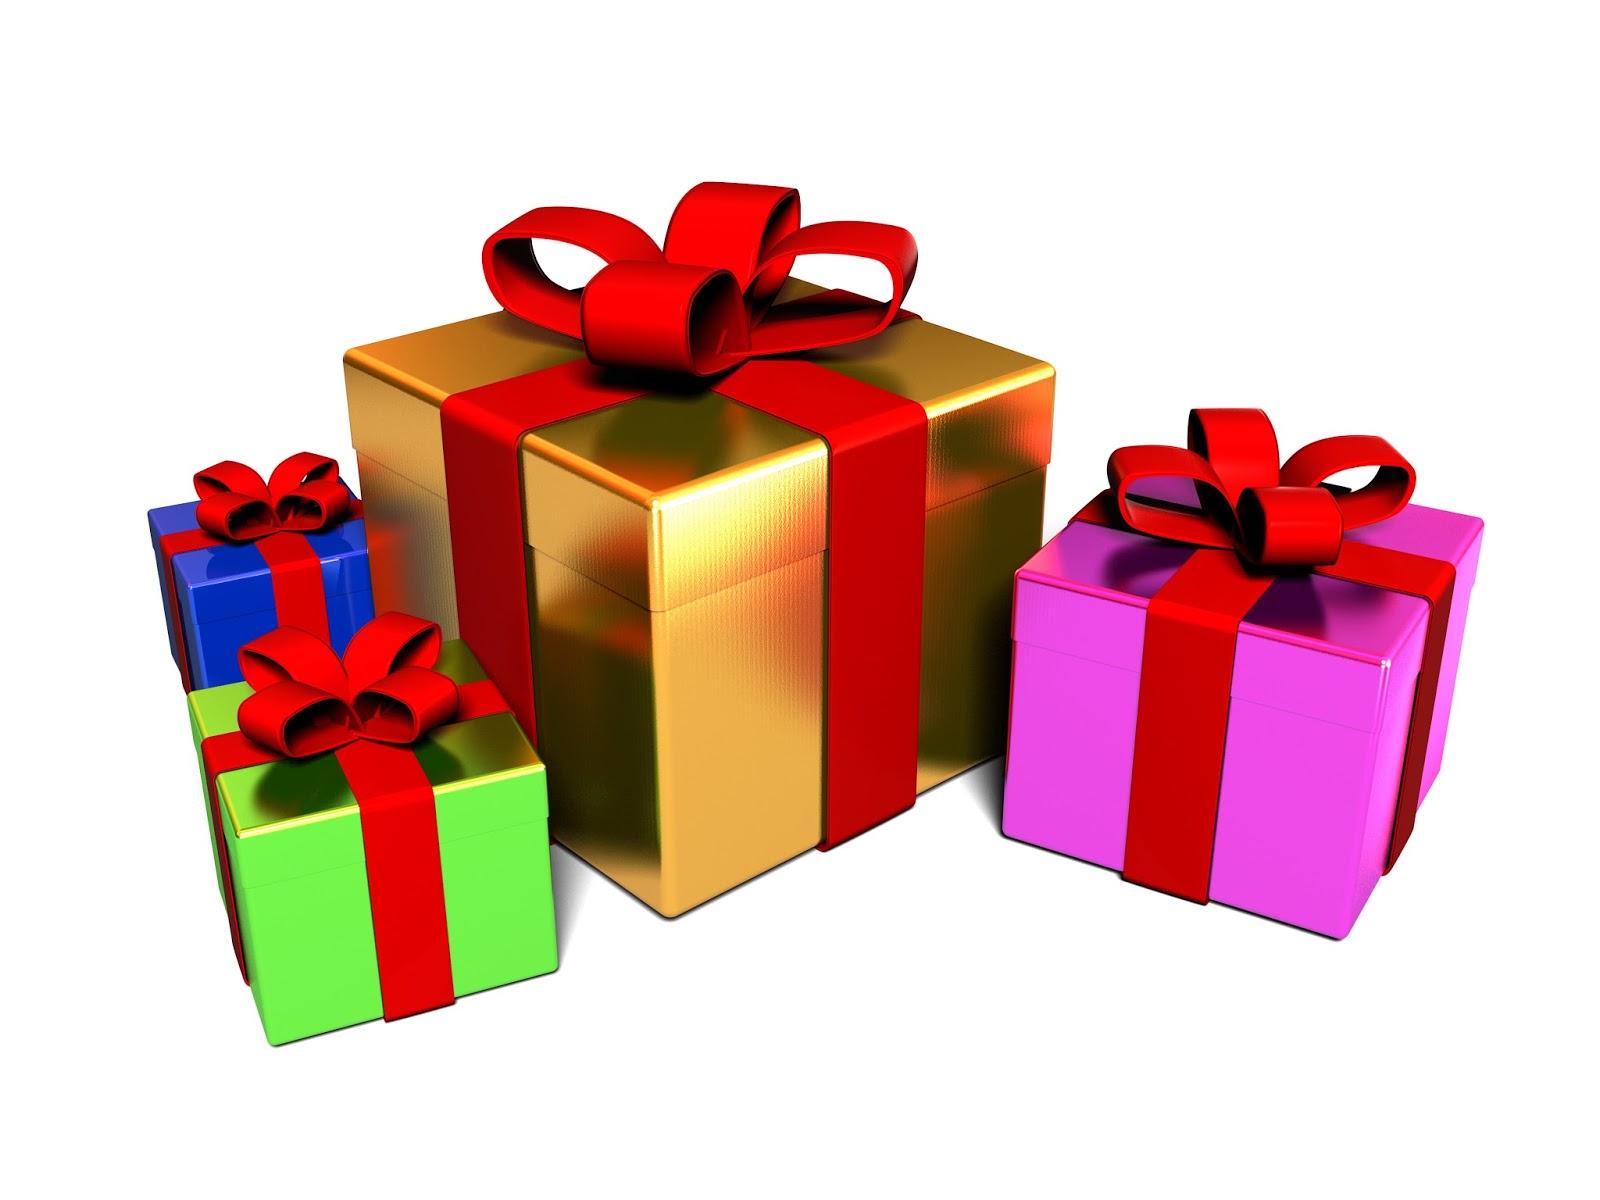 Chasse aux tresors de noel ecurie jul 39 hyppos - Cadeau de noel a vendre ...